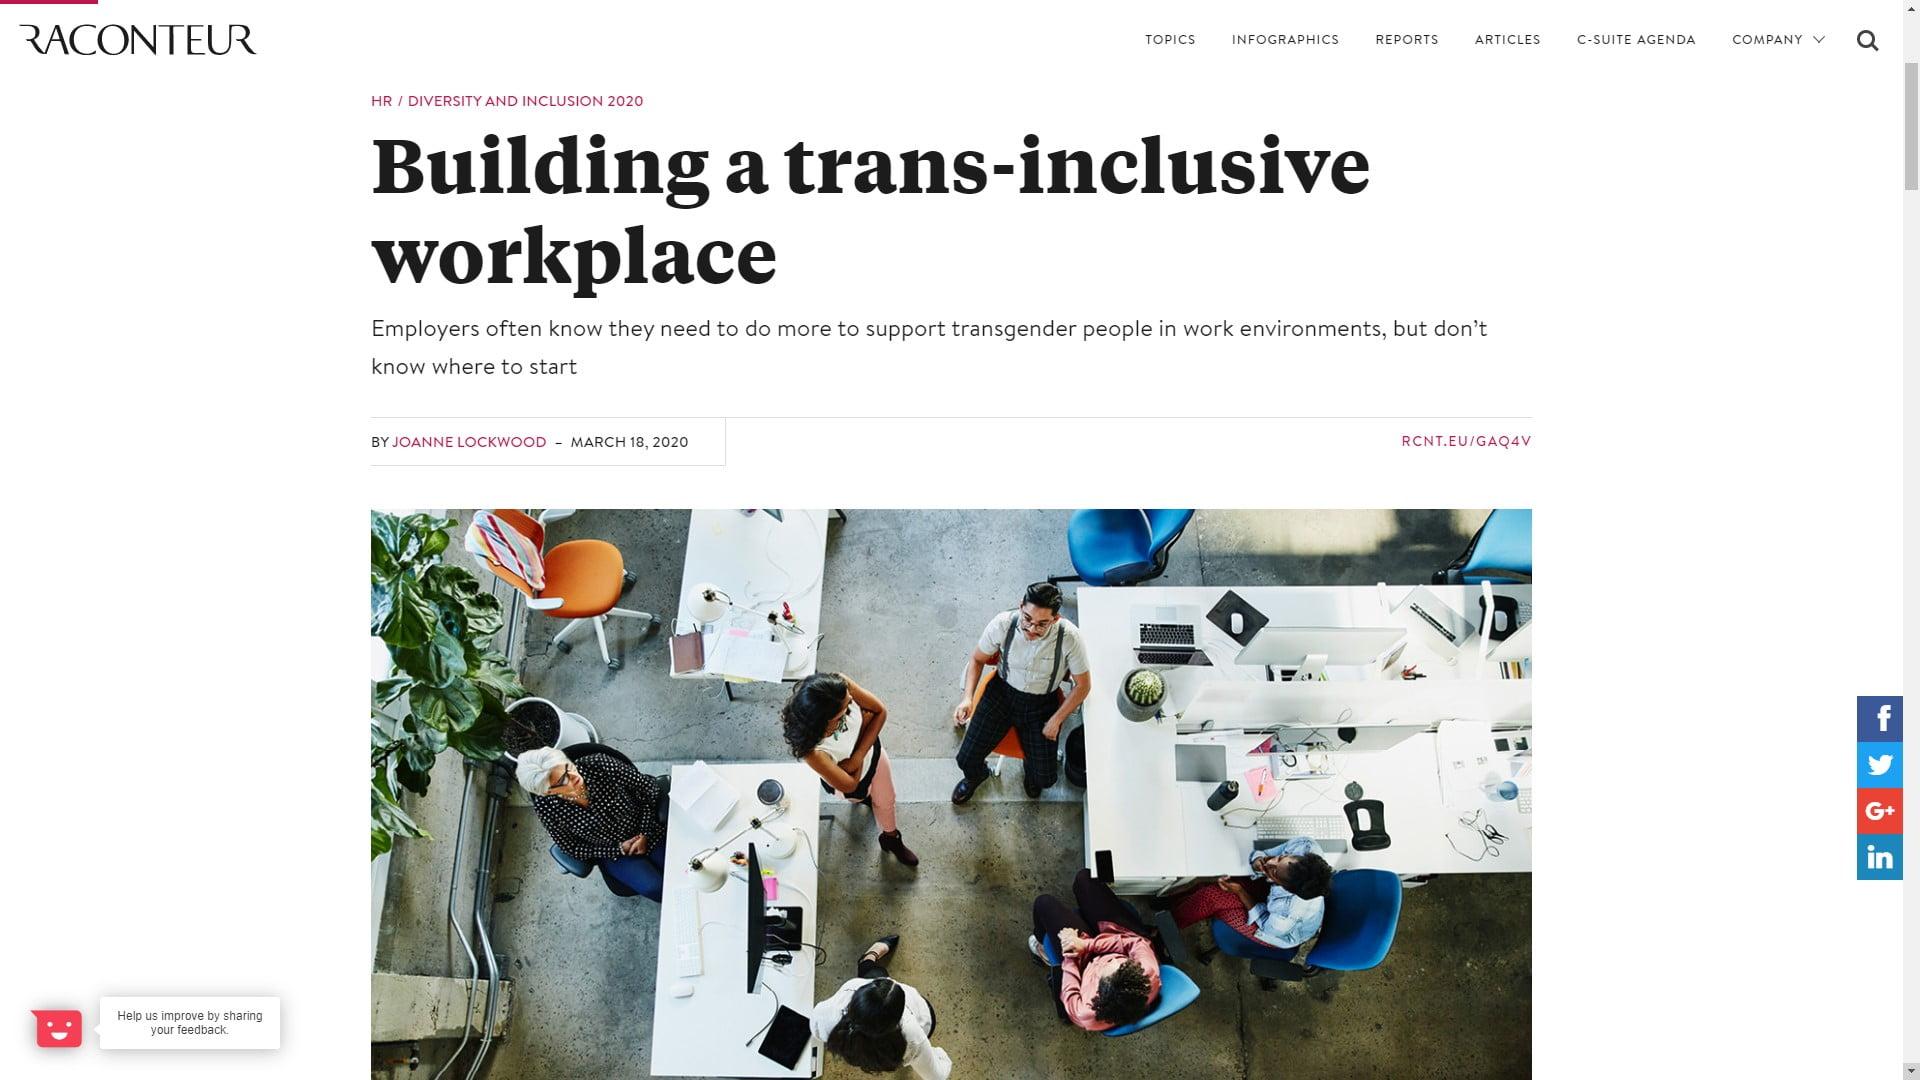 raconteur-trans-inclusive-workspace